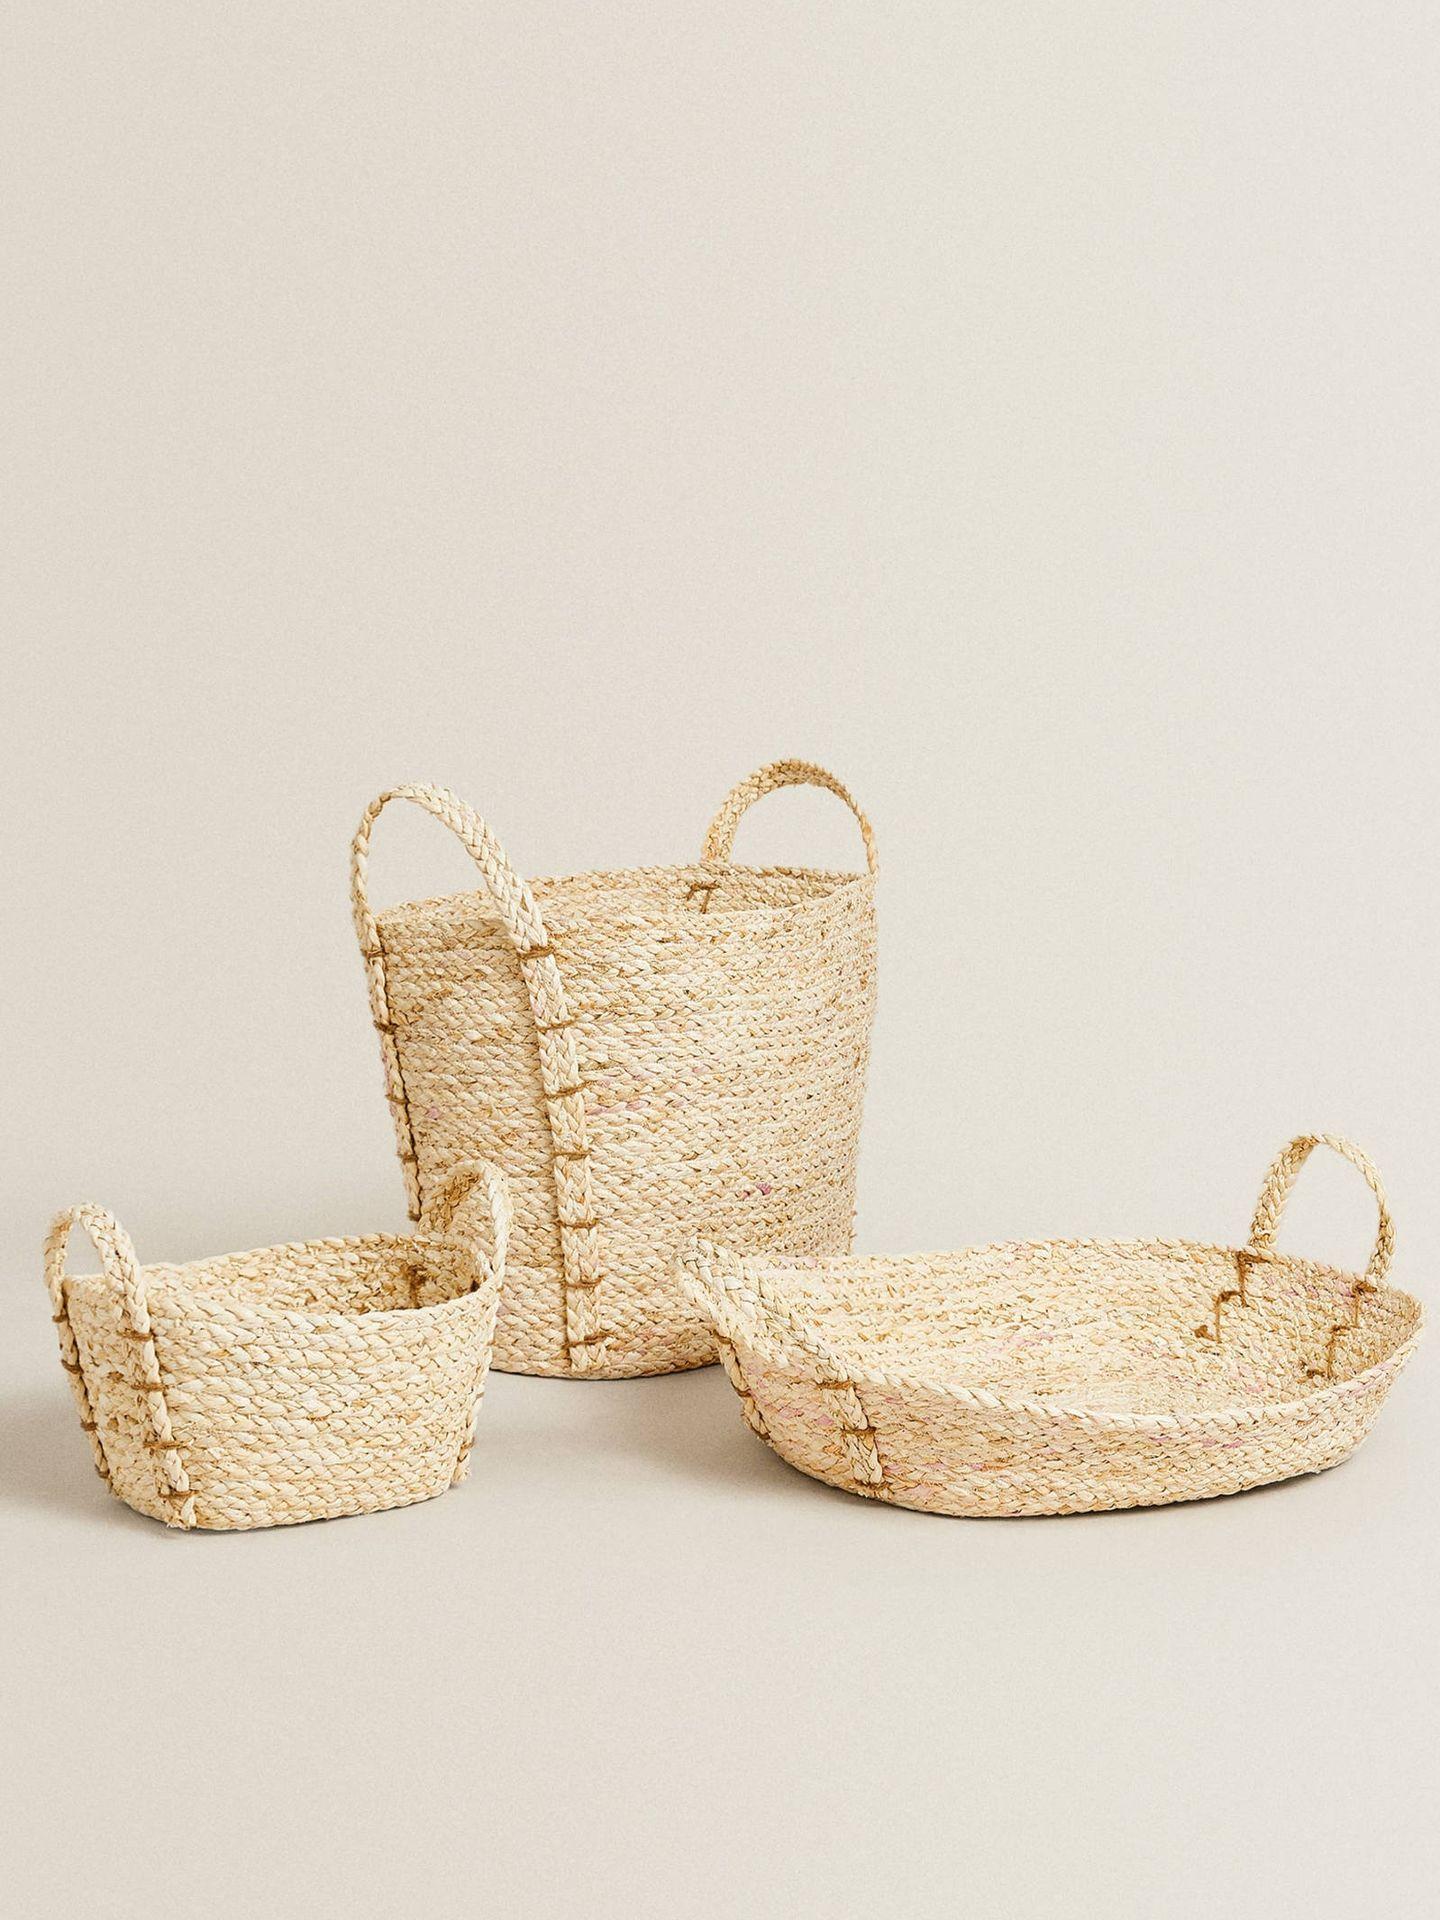 Decora con estas cestas trenzadas de Zara Home. (Cortesía)